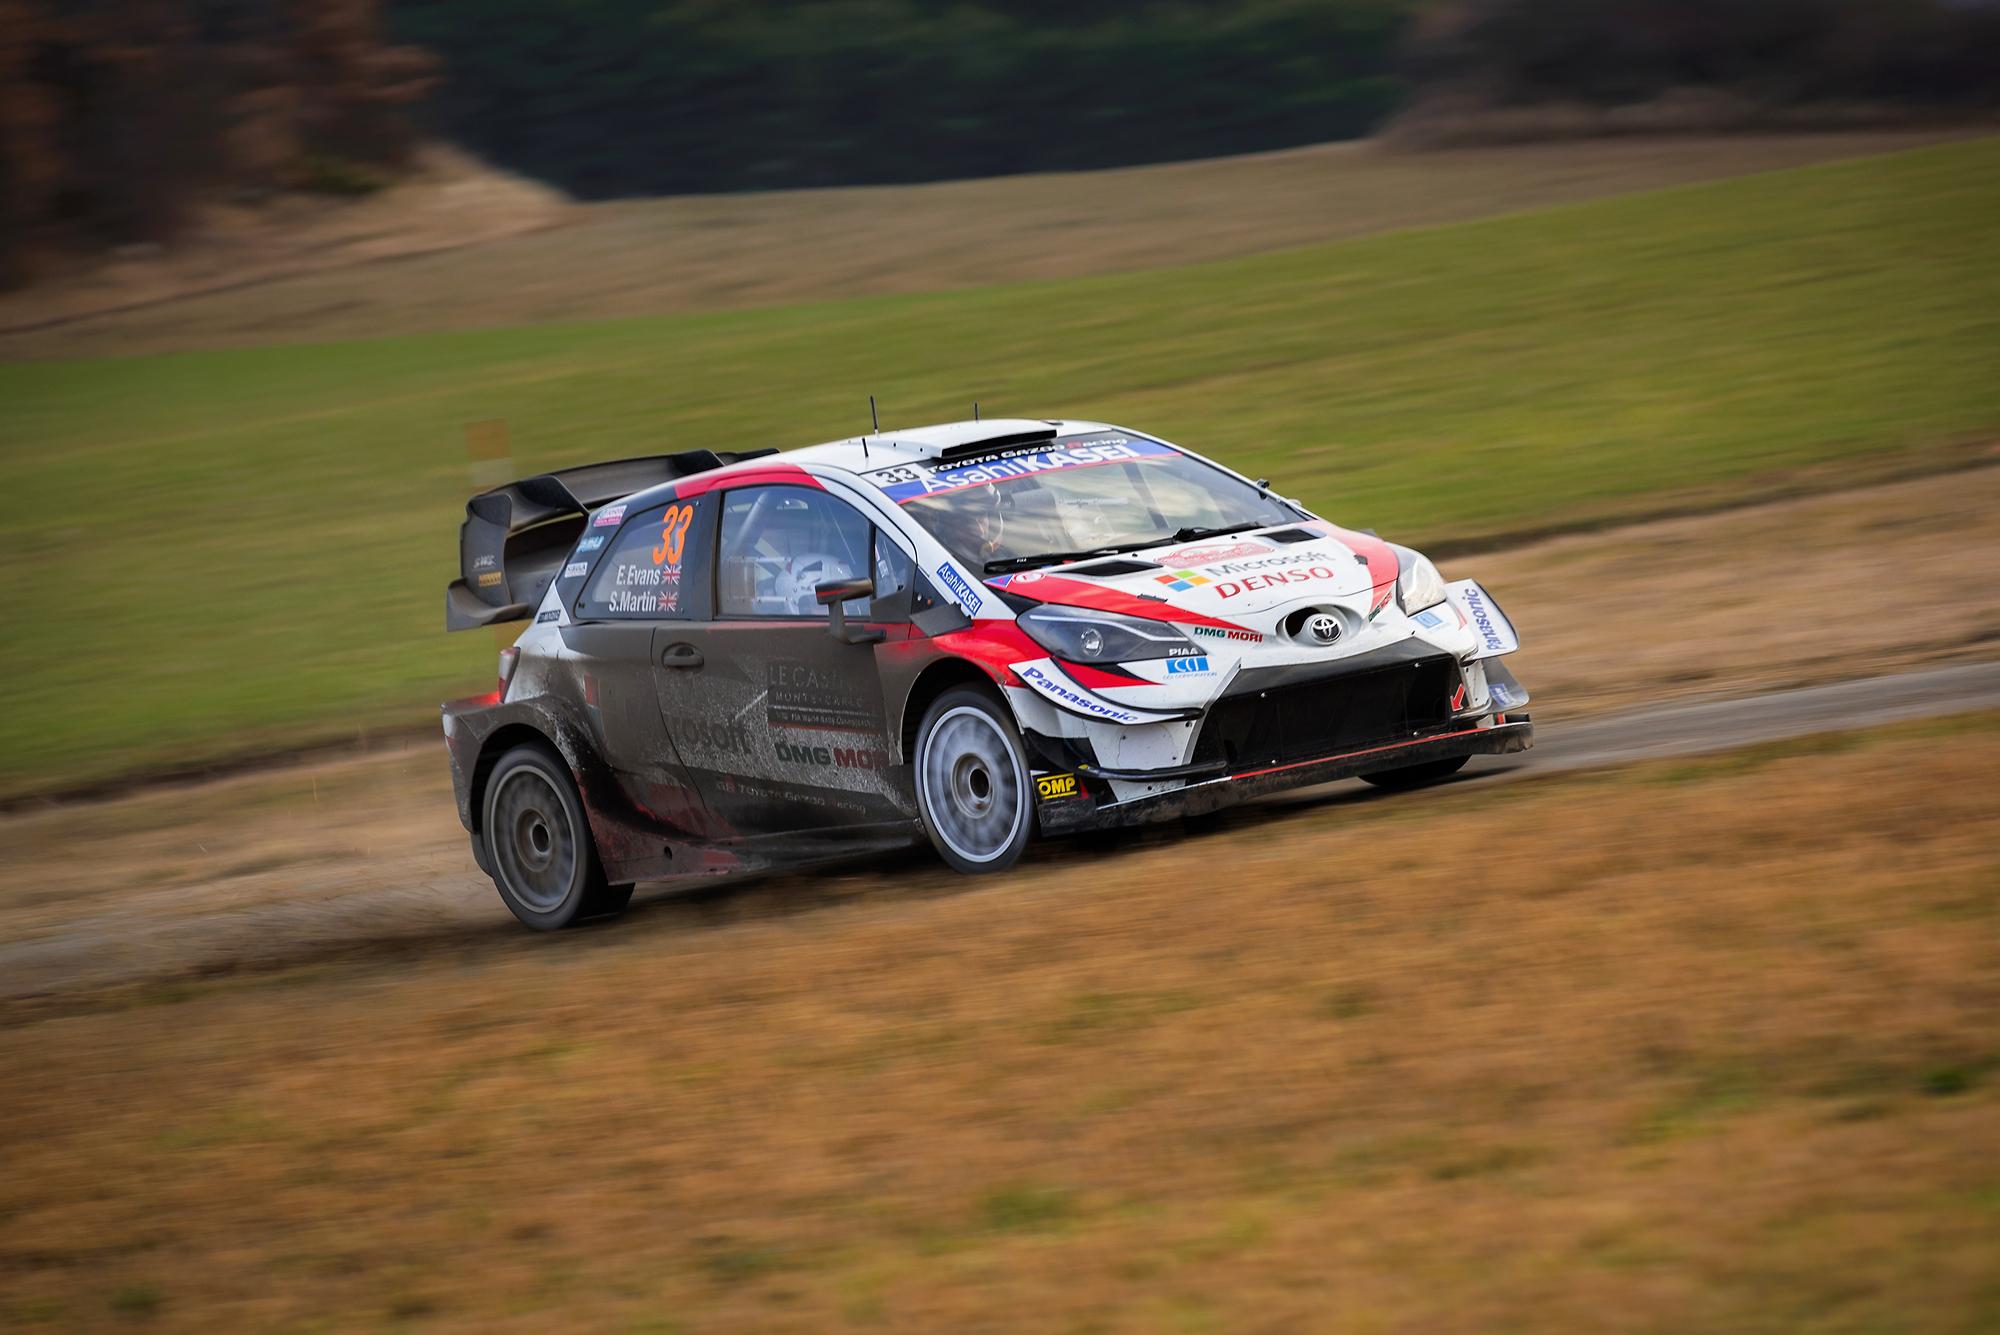 WRC Rallye de Monte carlo 2020 - Evans/Martin...